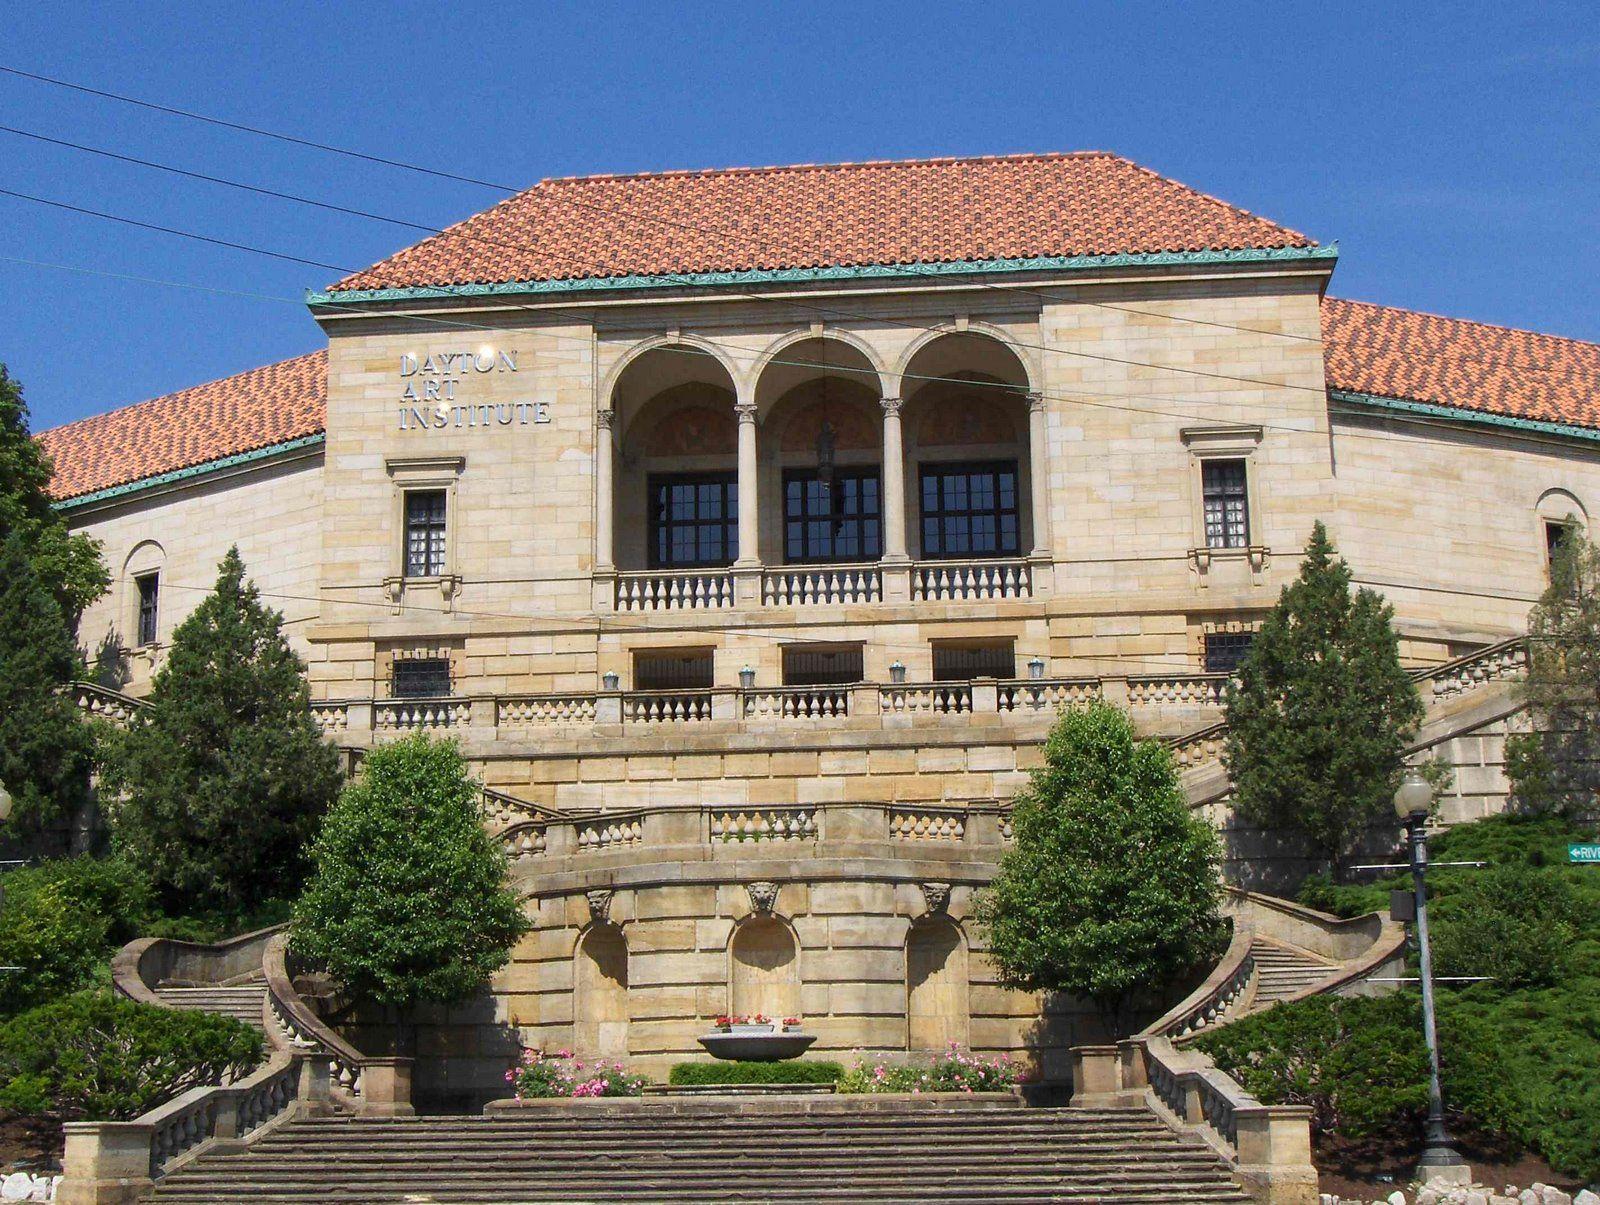 Dayton art intstitute ohio destinations art institutes